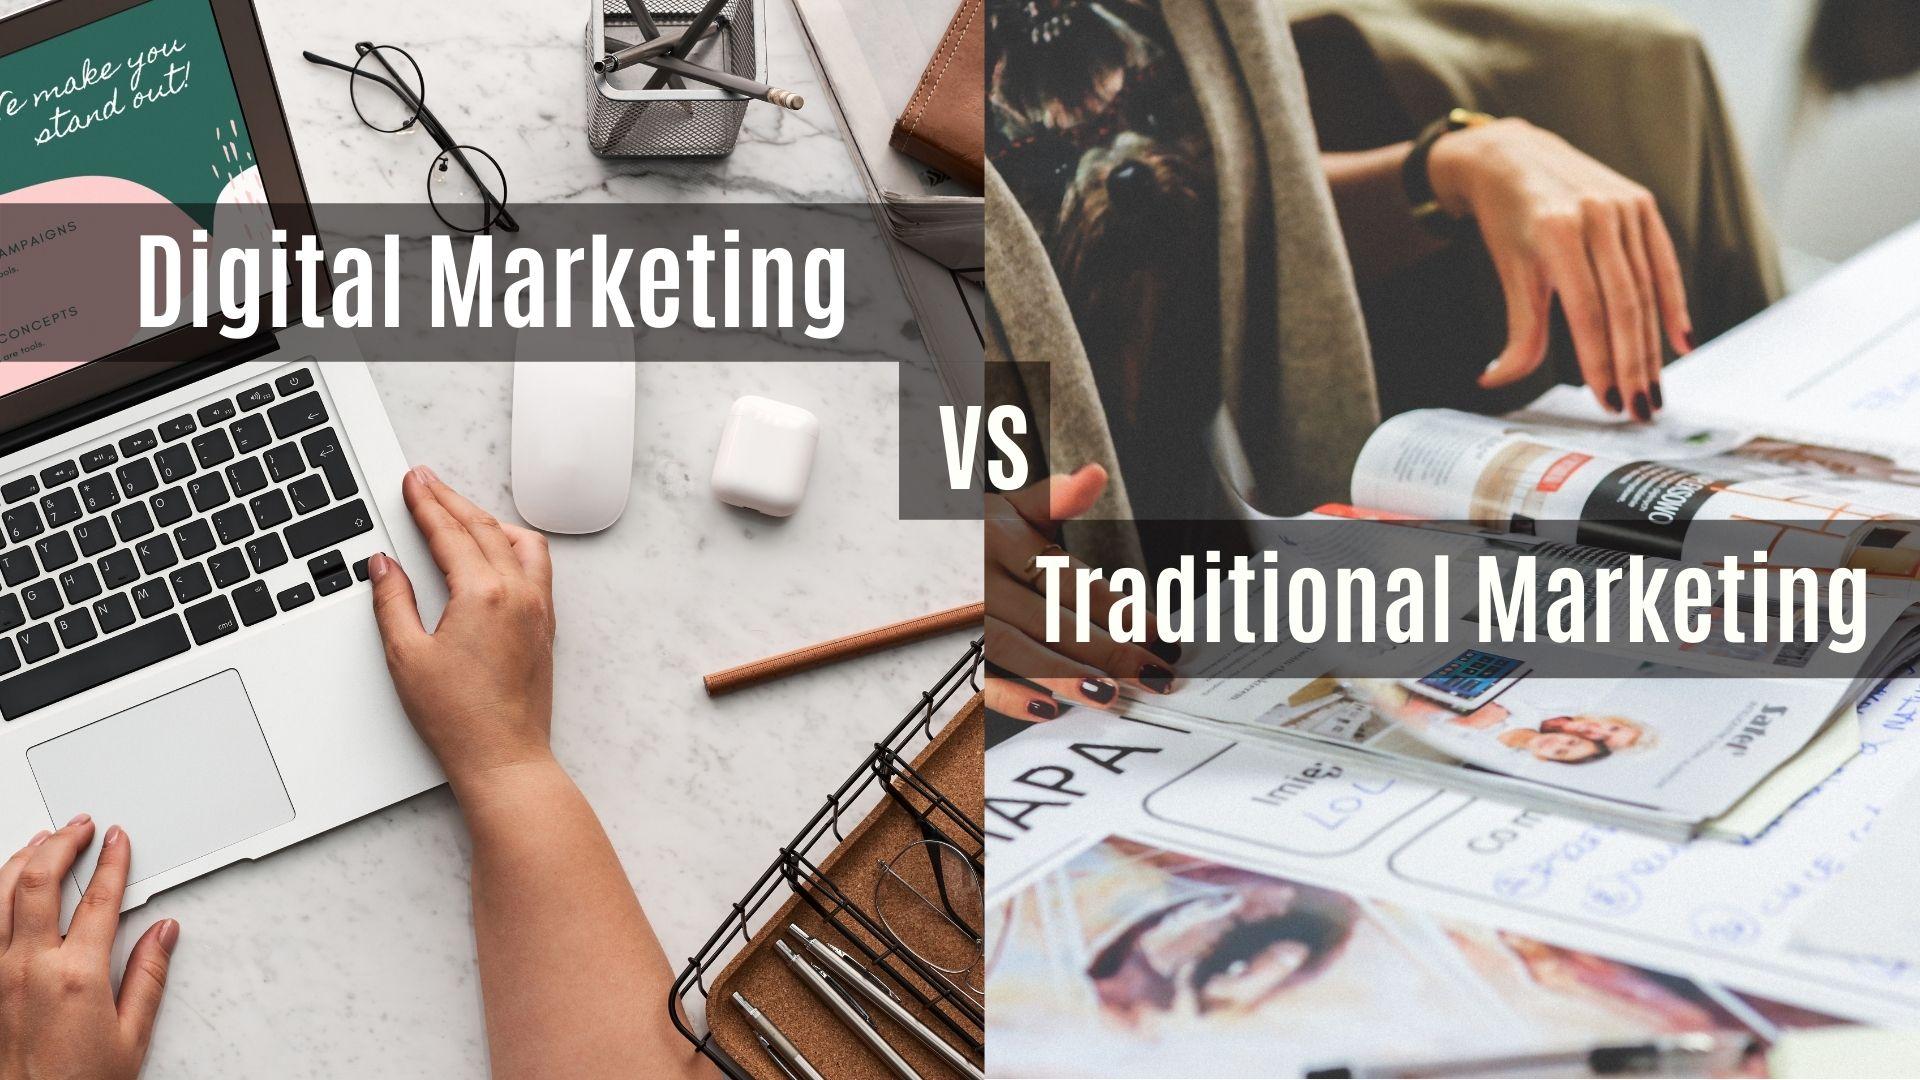 Sự giống nhau và khác nhau giữa hai hình thức marketing hiện đại và truyền thống